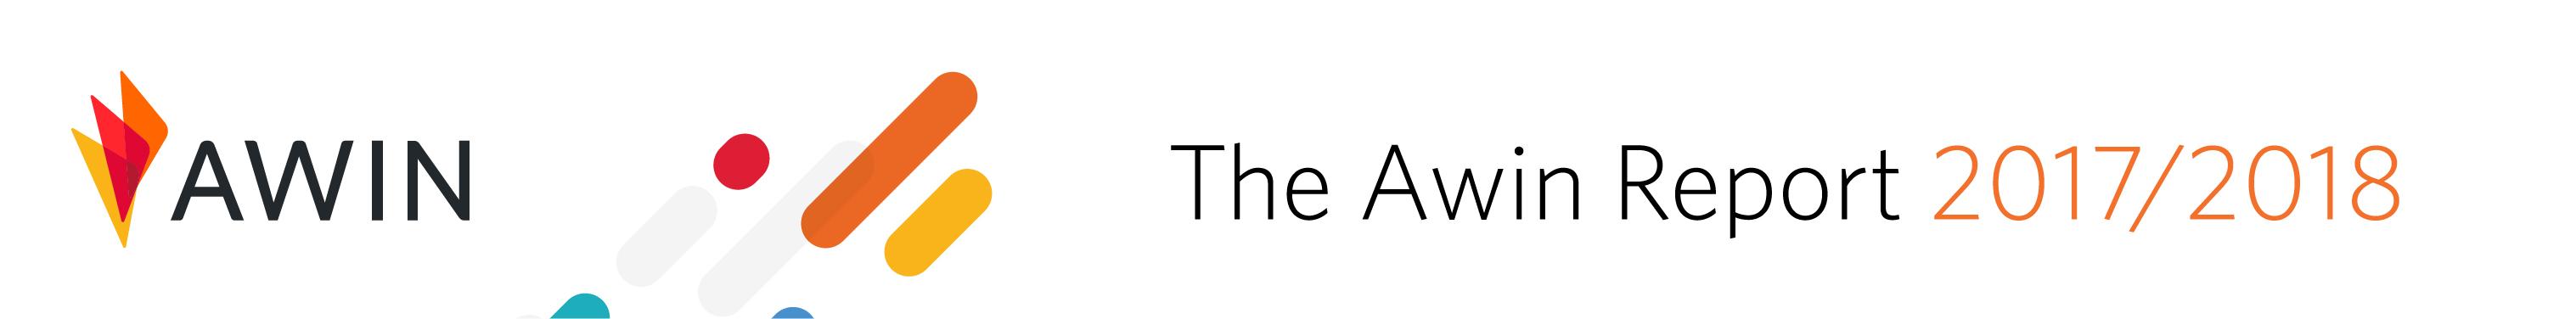 Wat zijn de belangrijkste trends op vlak van affiliate marketing? Dit e-book vertelt je er alles over: